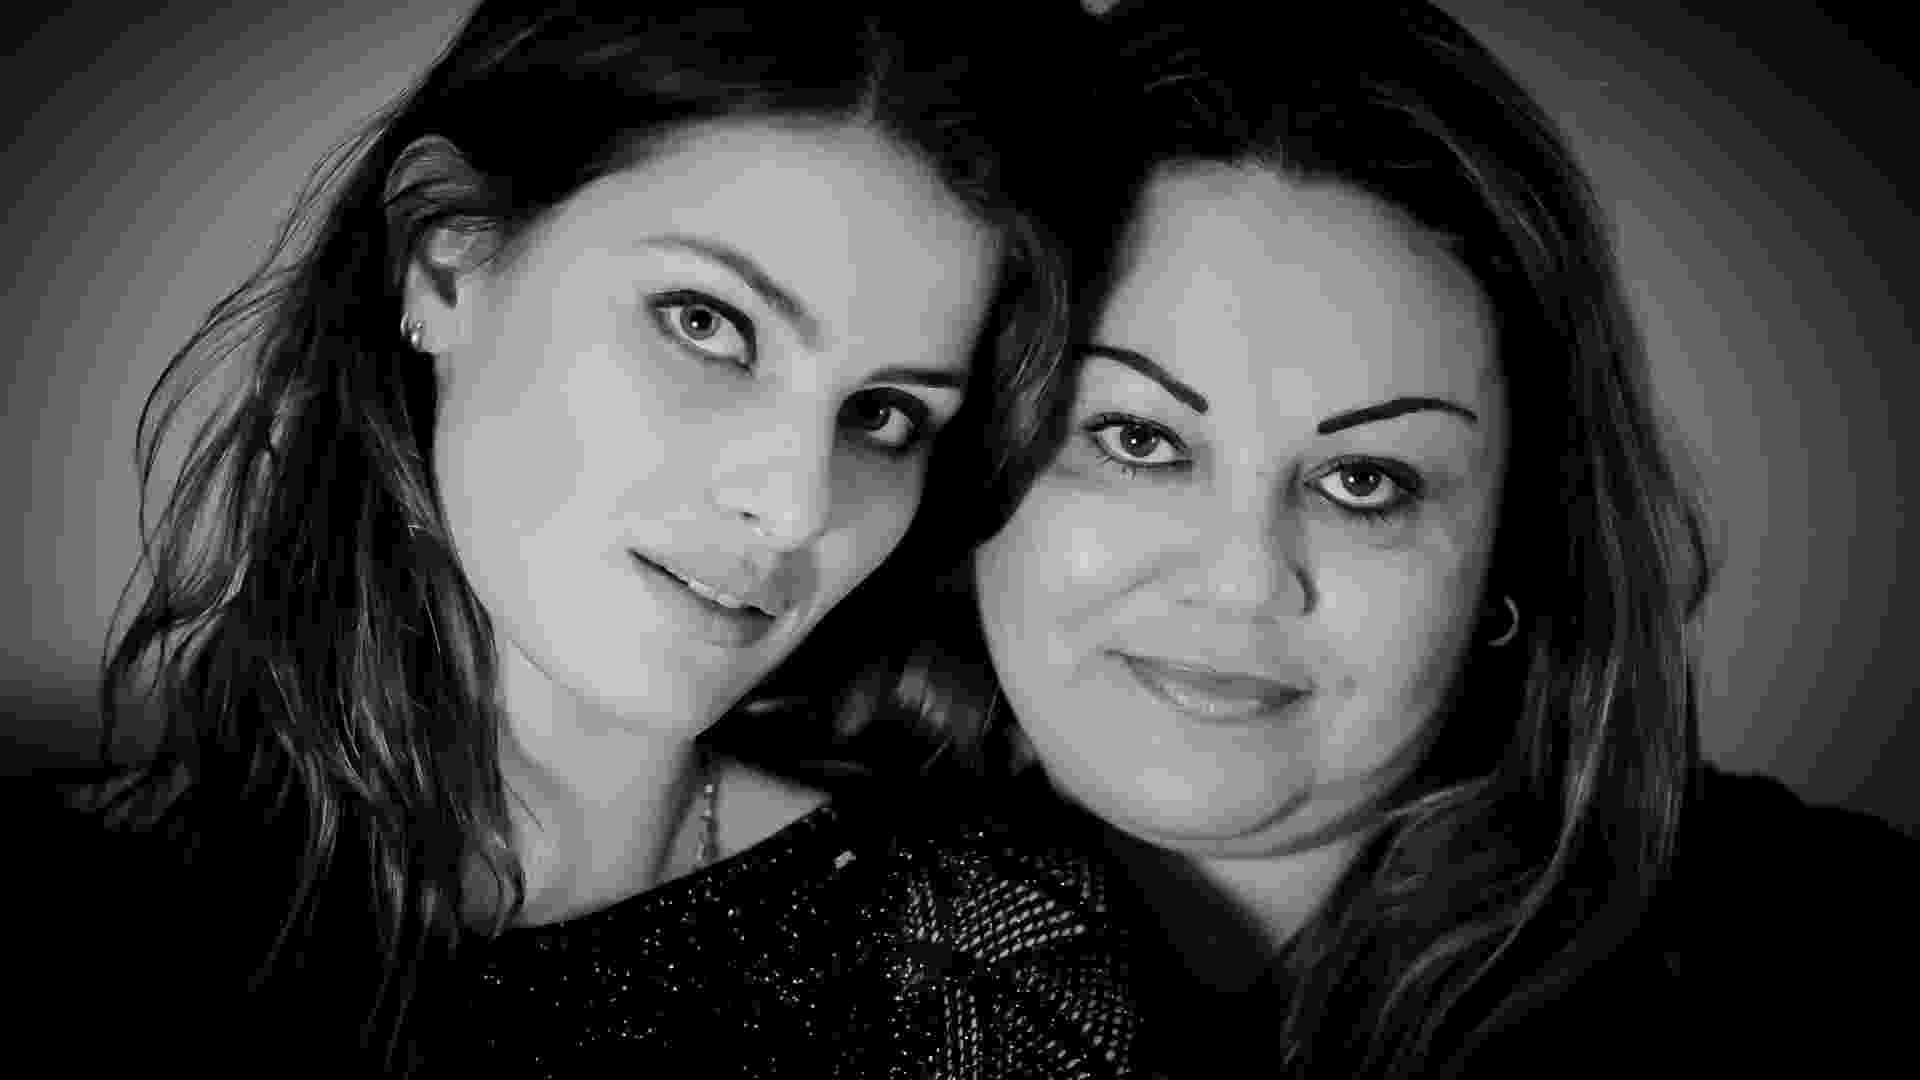 Tops brasileiras no Dia das Mães 2013 - Isabeli Fontana 1 - Flavio Florido/UOL